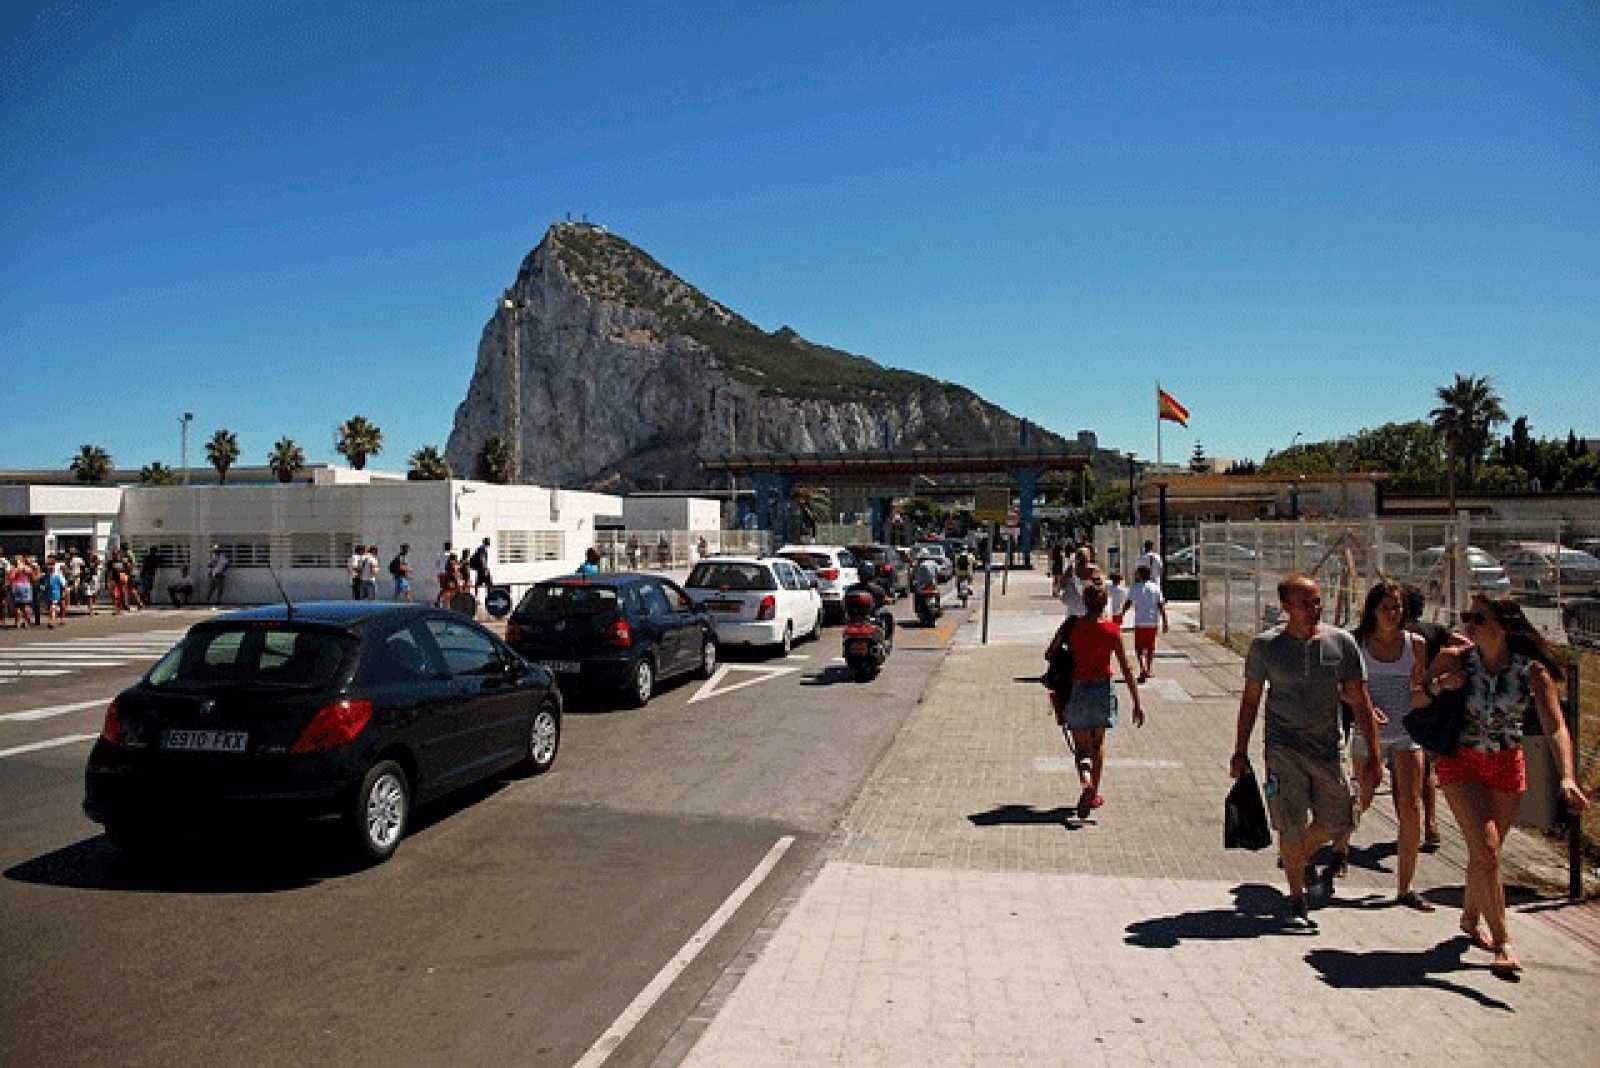 Una cola de vehículos espera para acceder al Peñón de Gibraltar